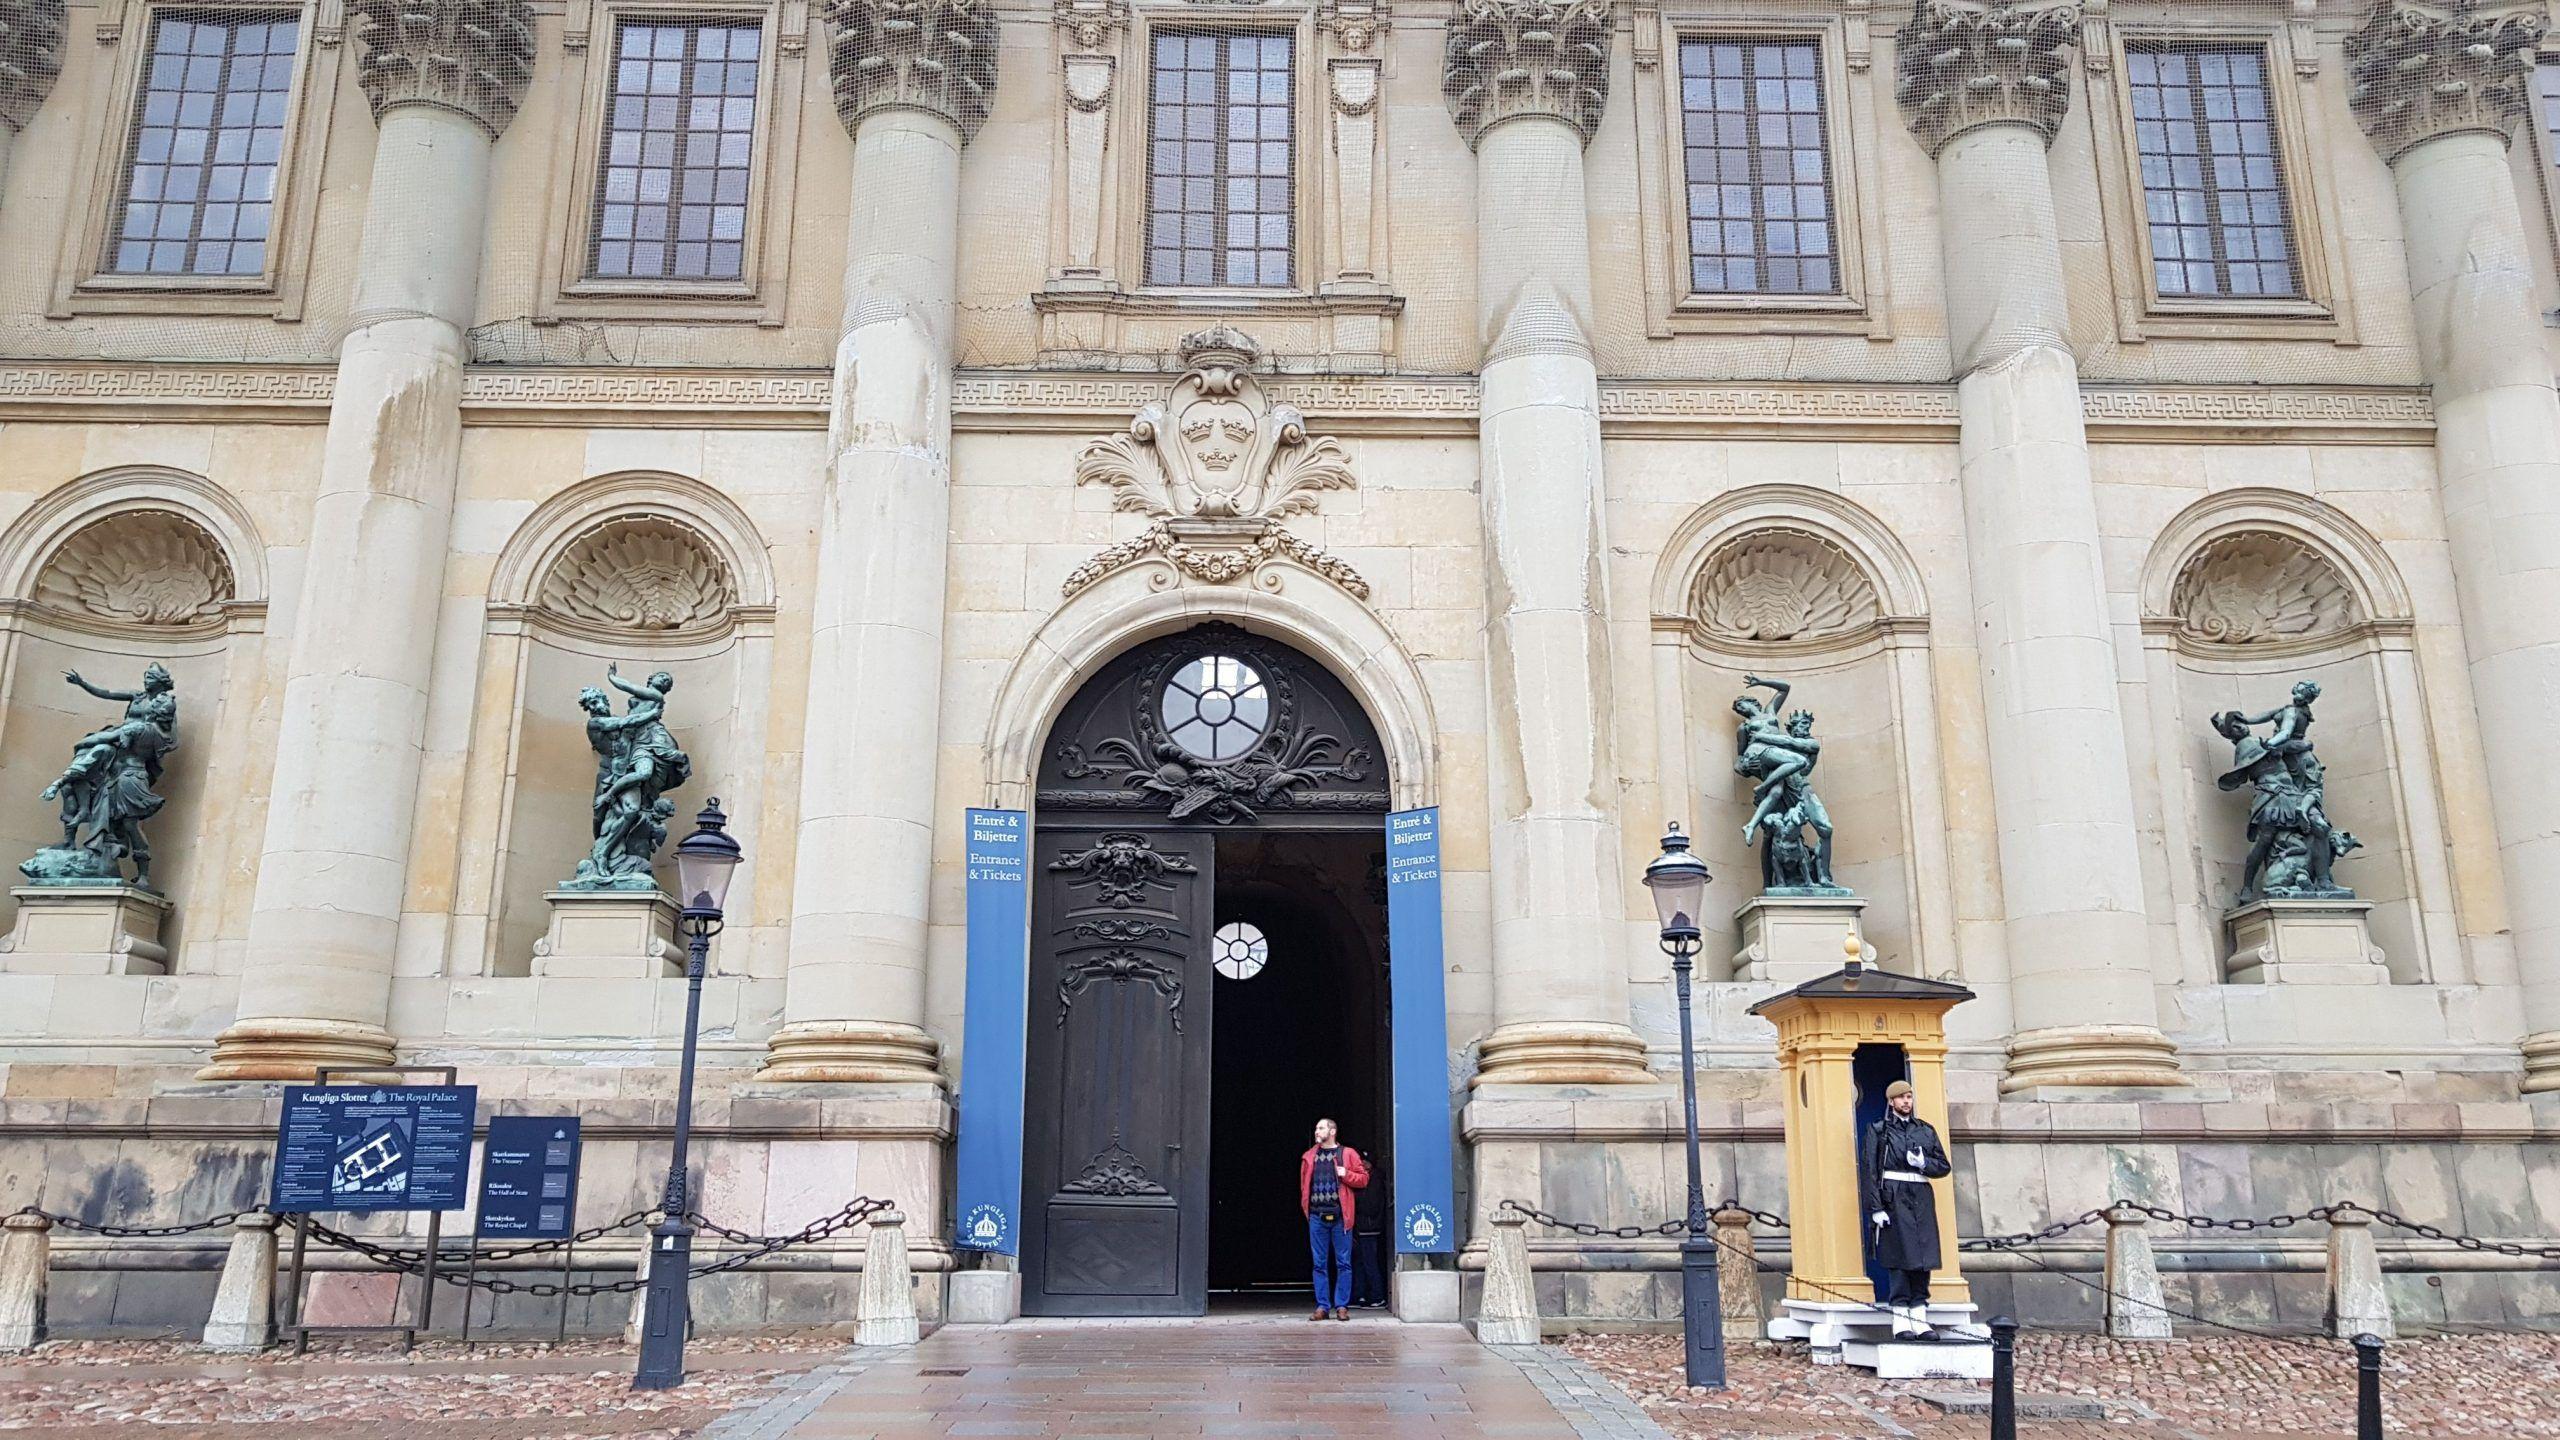 Puerta de entrada al palacio real , con la guardia en la puerta.